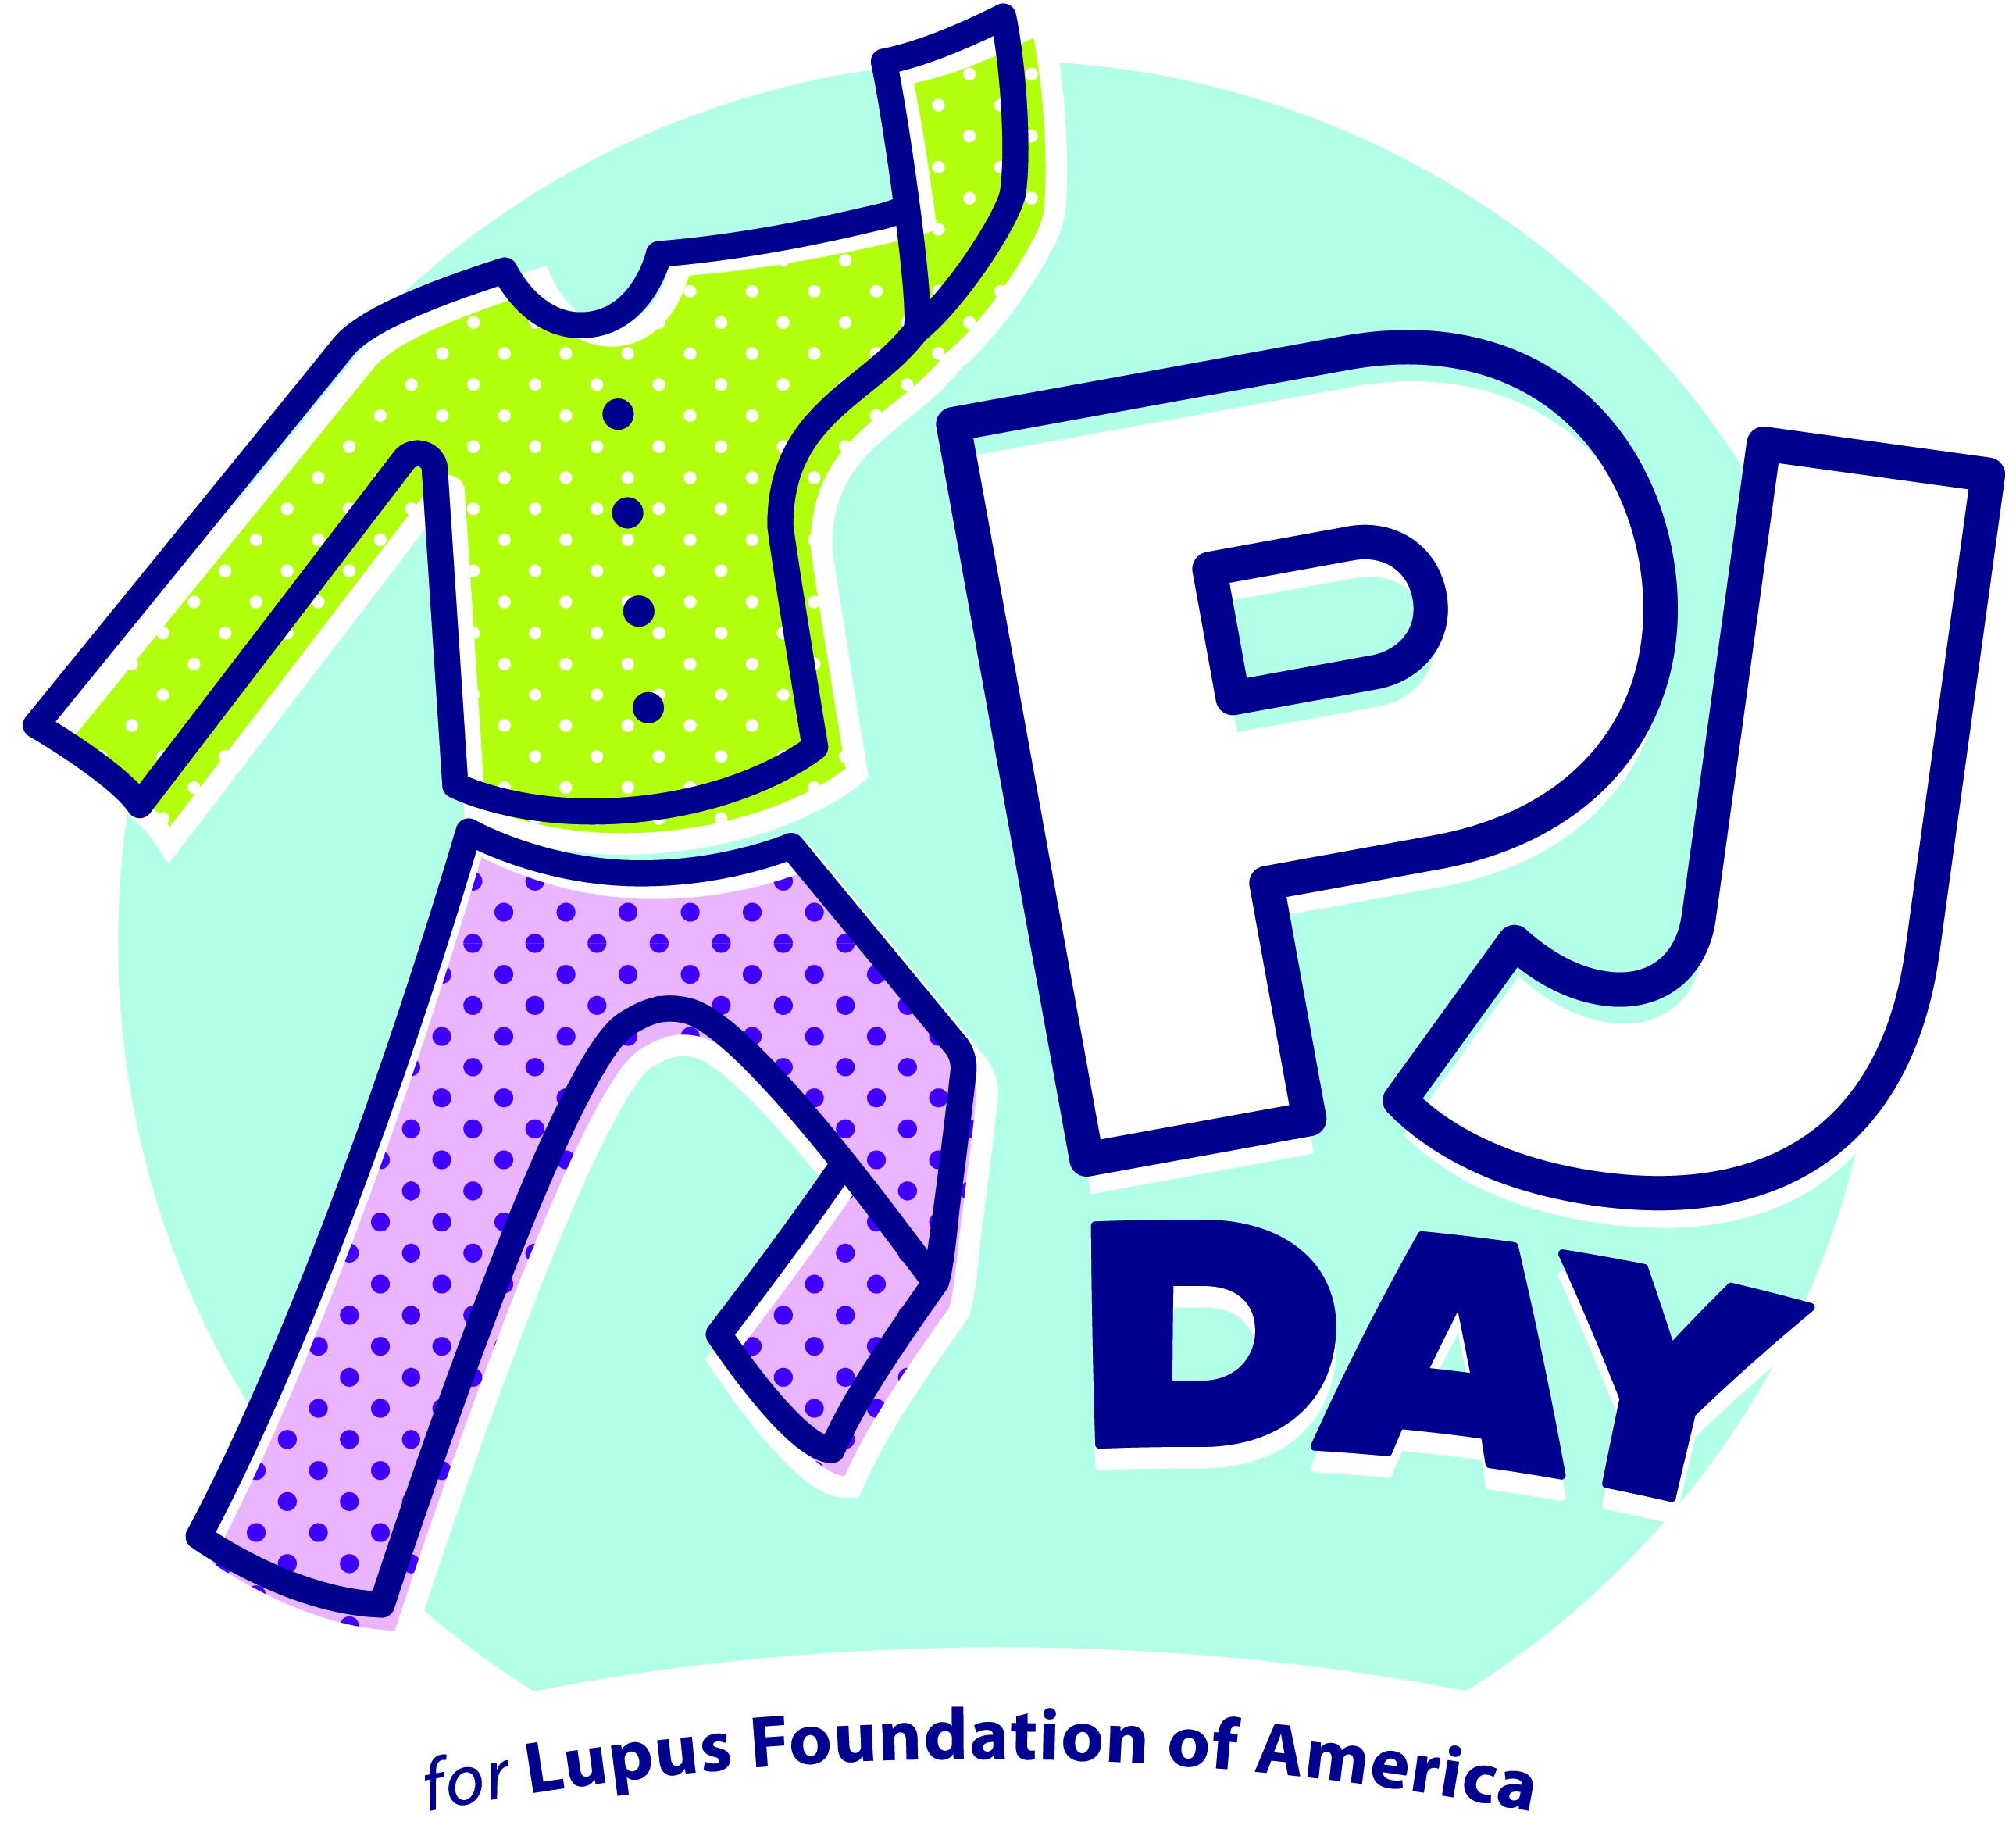 pajama day Pj day lupus foundation of america jpg.